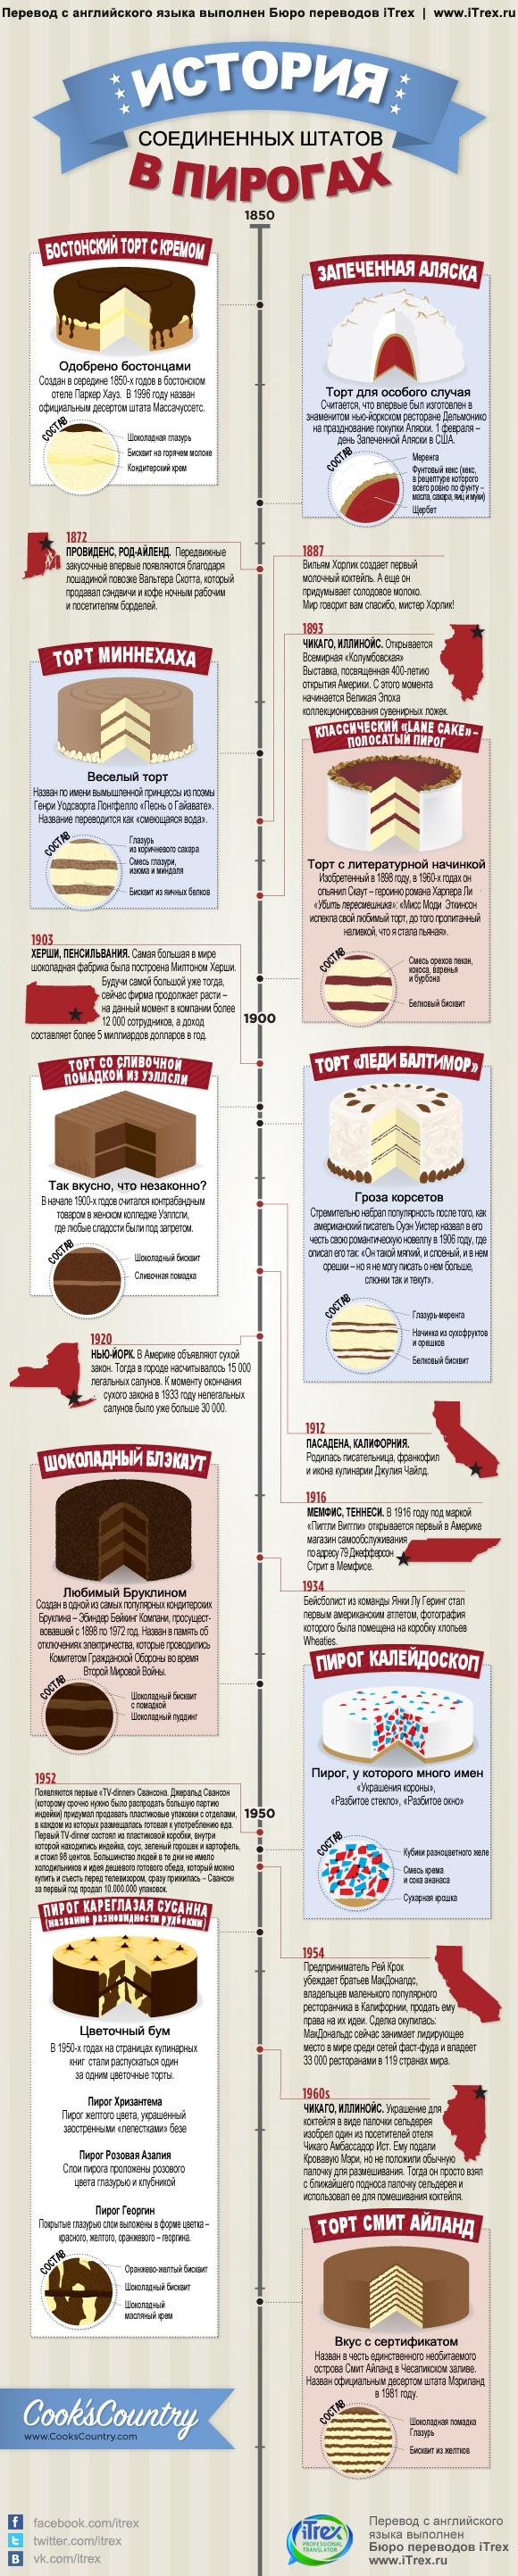 Бюро переводов iTrex: История США в пирогах  Из чего готовят самые популярные торты в США? Почему существует торт с названием Шоколадный блэкаут?  Перевод картинки о вкусных тортах не добавит вам ни капли калорий, но поднимет настроение